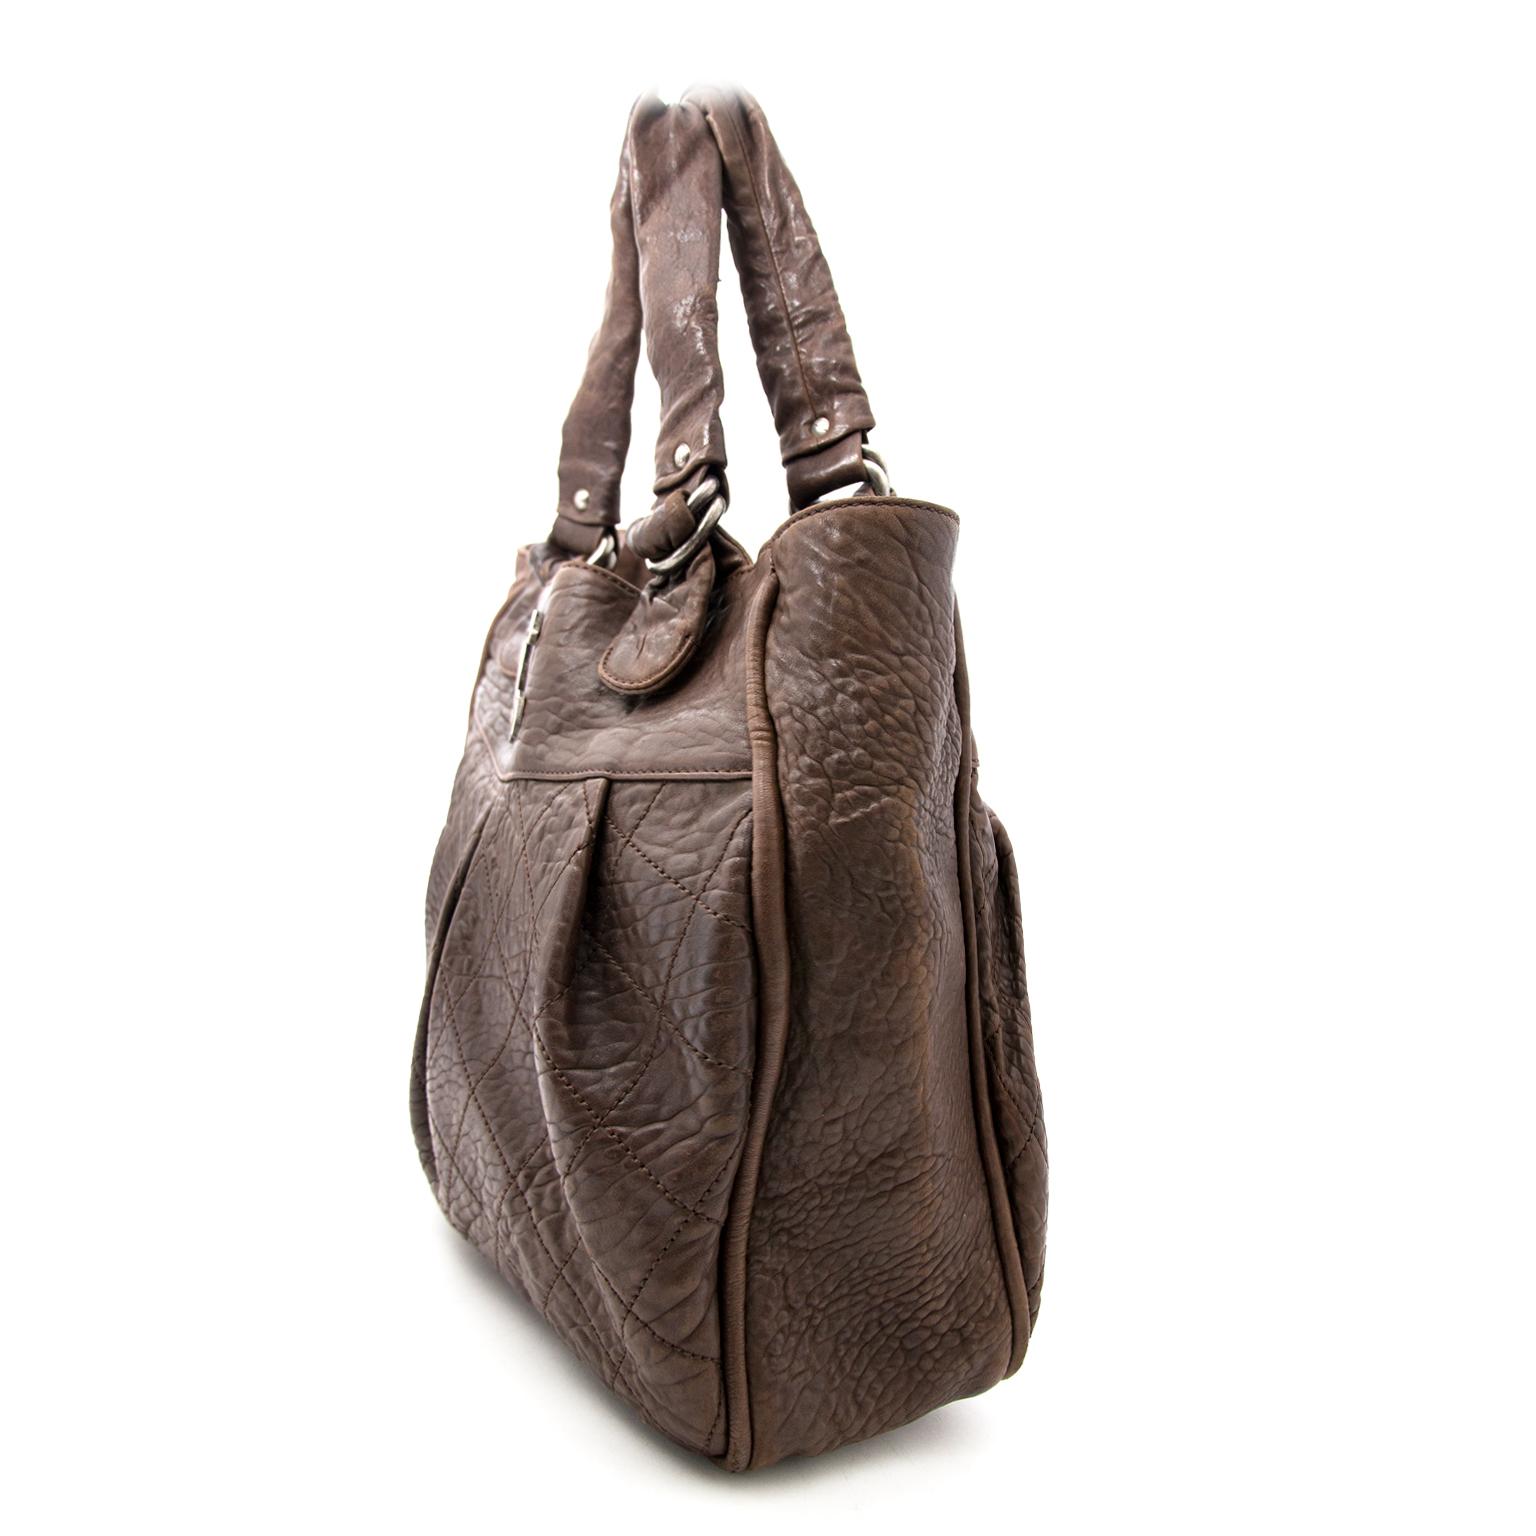 Chanel Grote Bruine Lederen Shopper nu online op labellov.com tegen de beste prijs.